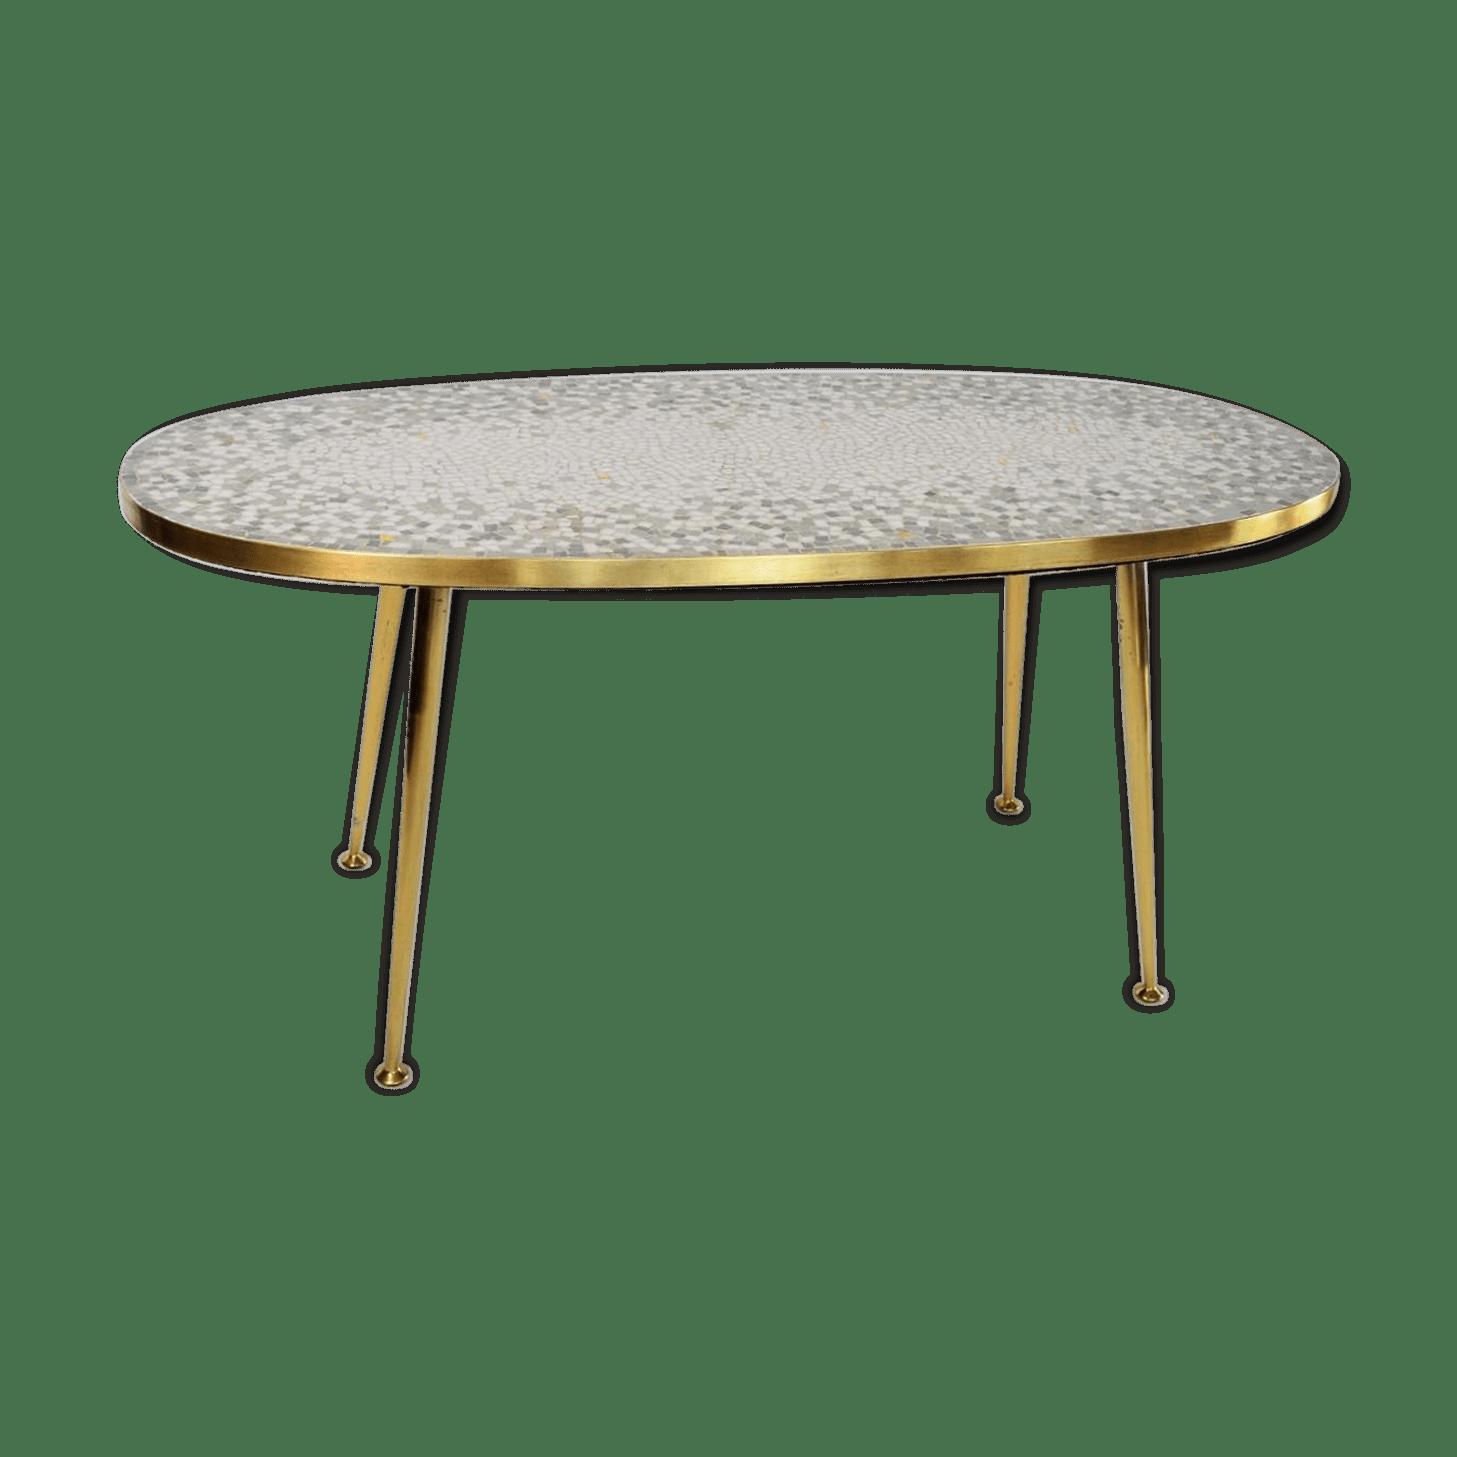 Table De Jardin Mosaique Ovale | Table De Jardin Ovale En Aluminium